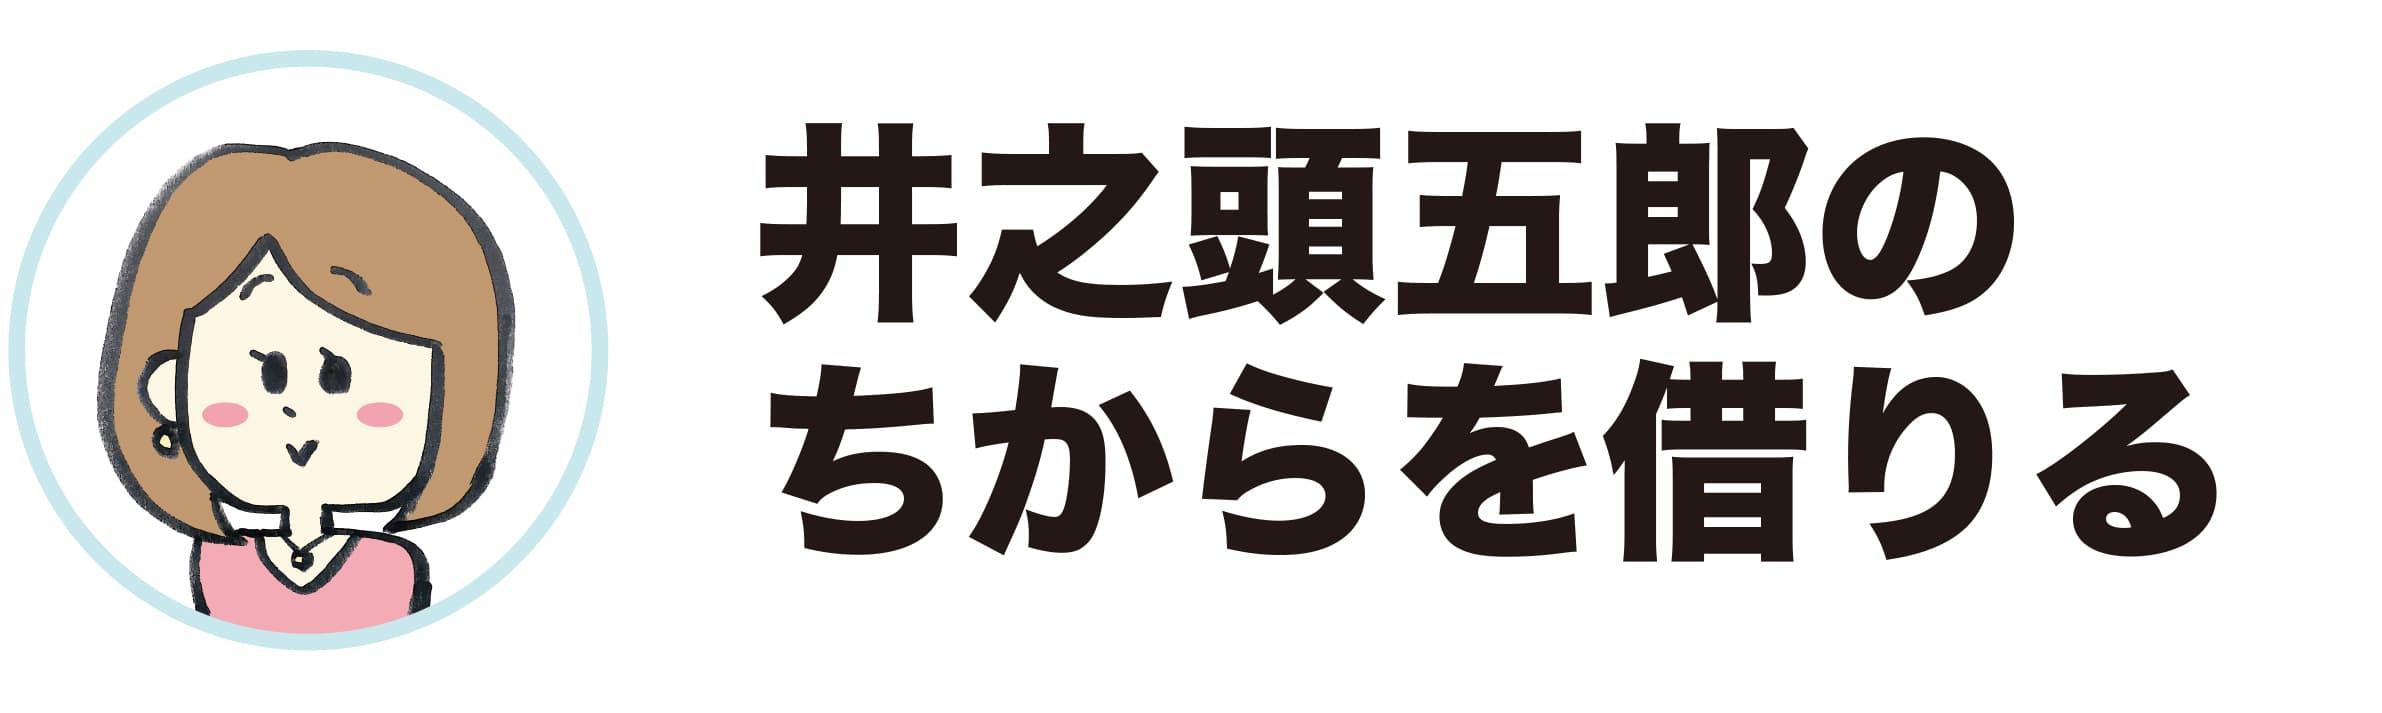 大川さんの画像